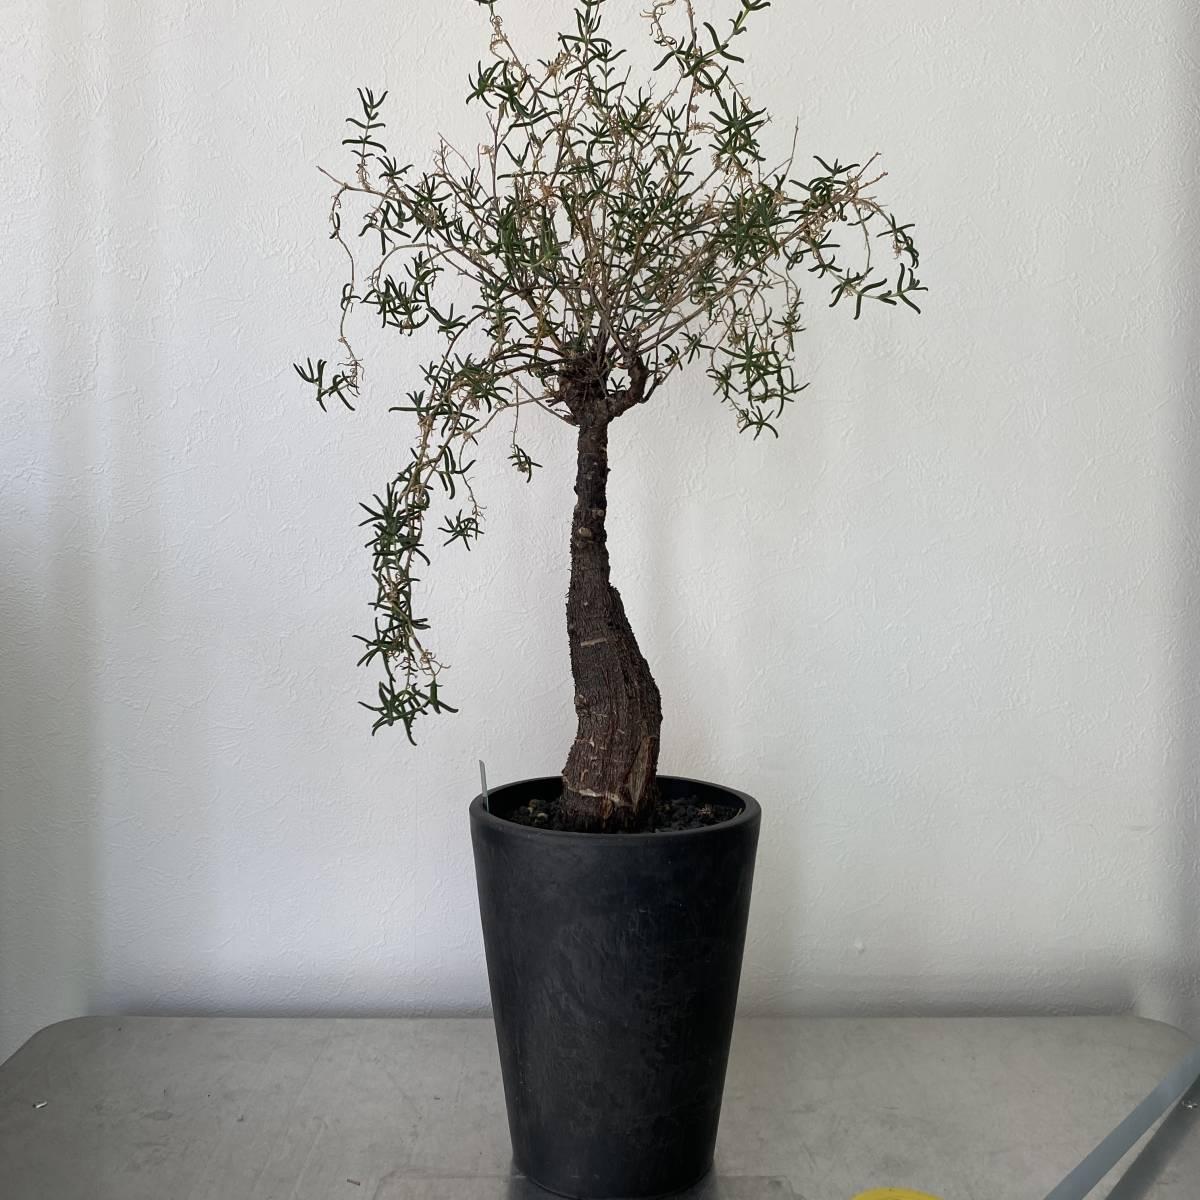 大株 2021.03.16撮影 幹幅5cm Mestoklema tuberosum メストクレマ ツベローサム 植物所有して4年以上_画像1